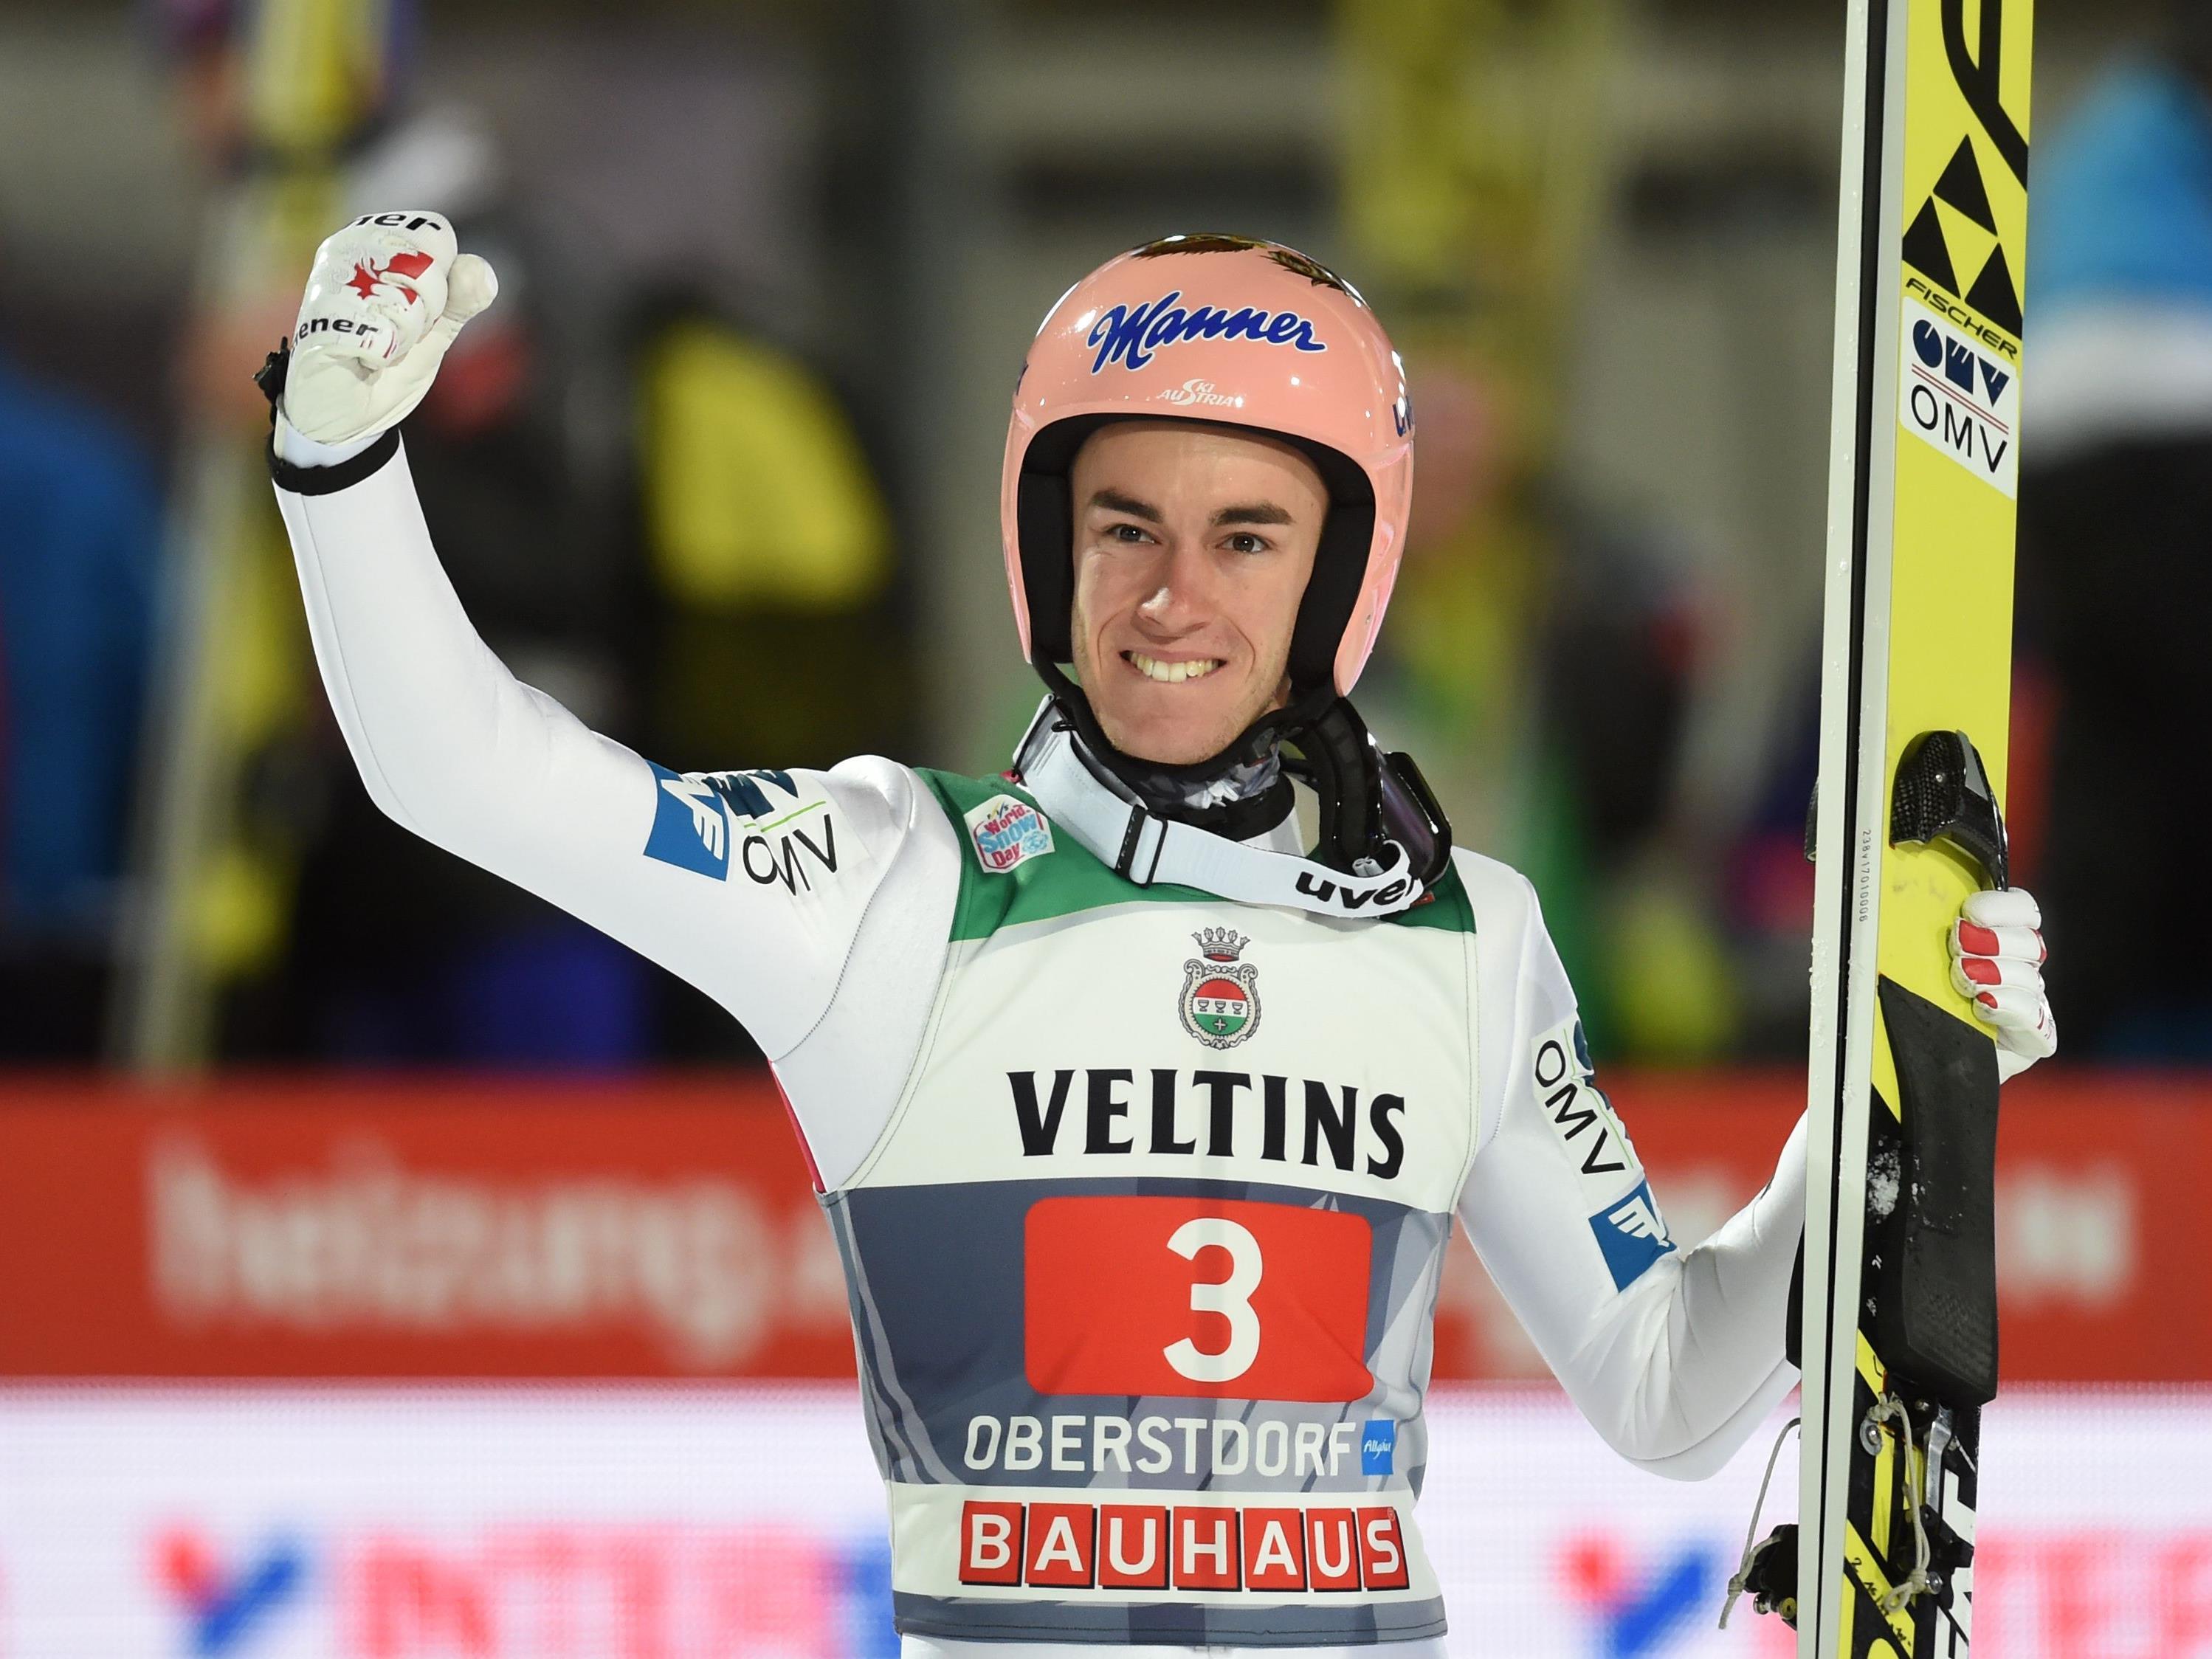 Stefan Kraft hat die erste Station der Vierschanzen-Tournee in Oberstdorf gewonnen.